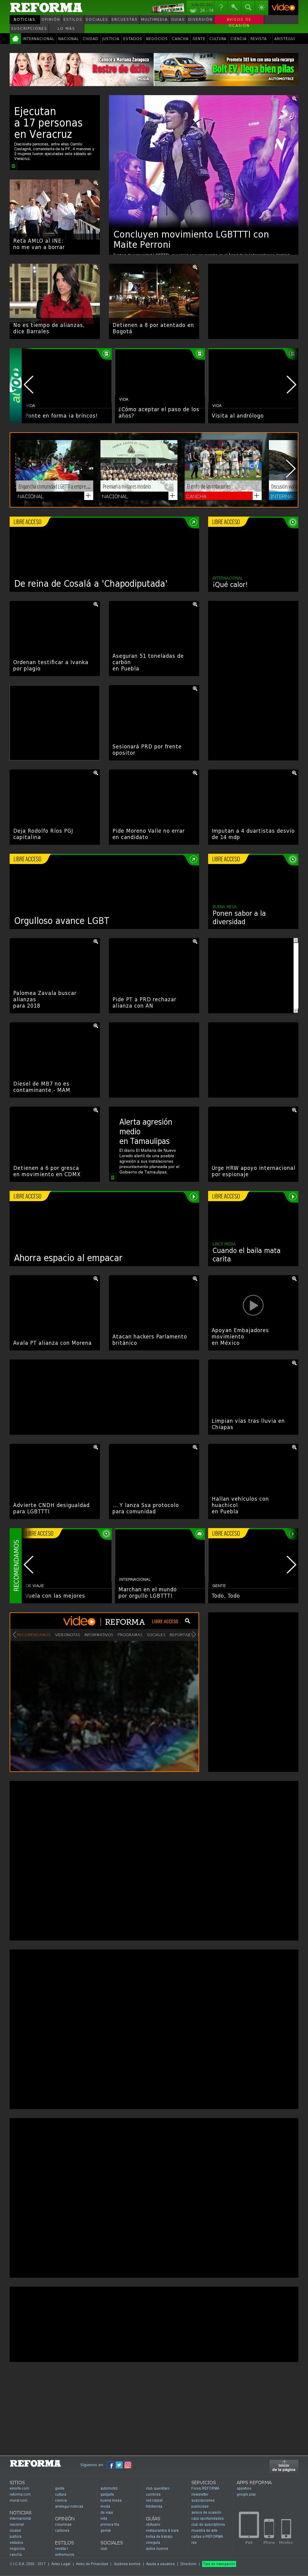 Reforma.com at Sunday June 25, 2017, 8:13 a.m. UTC